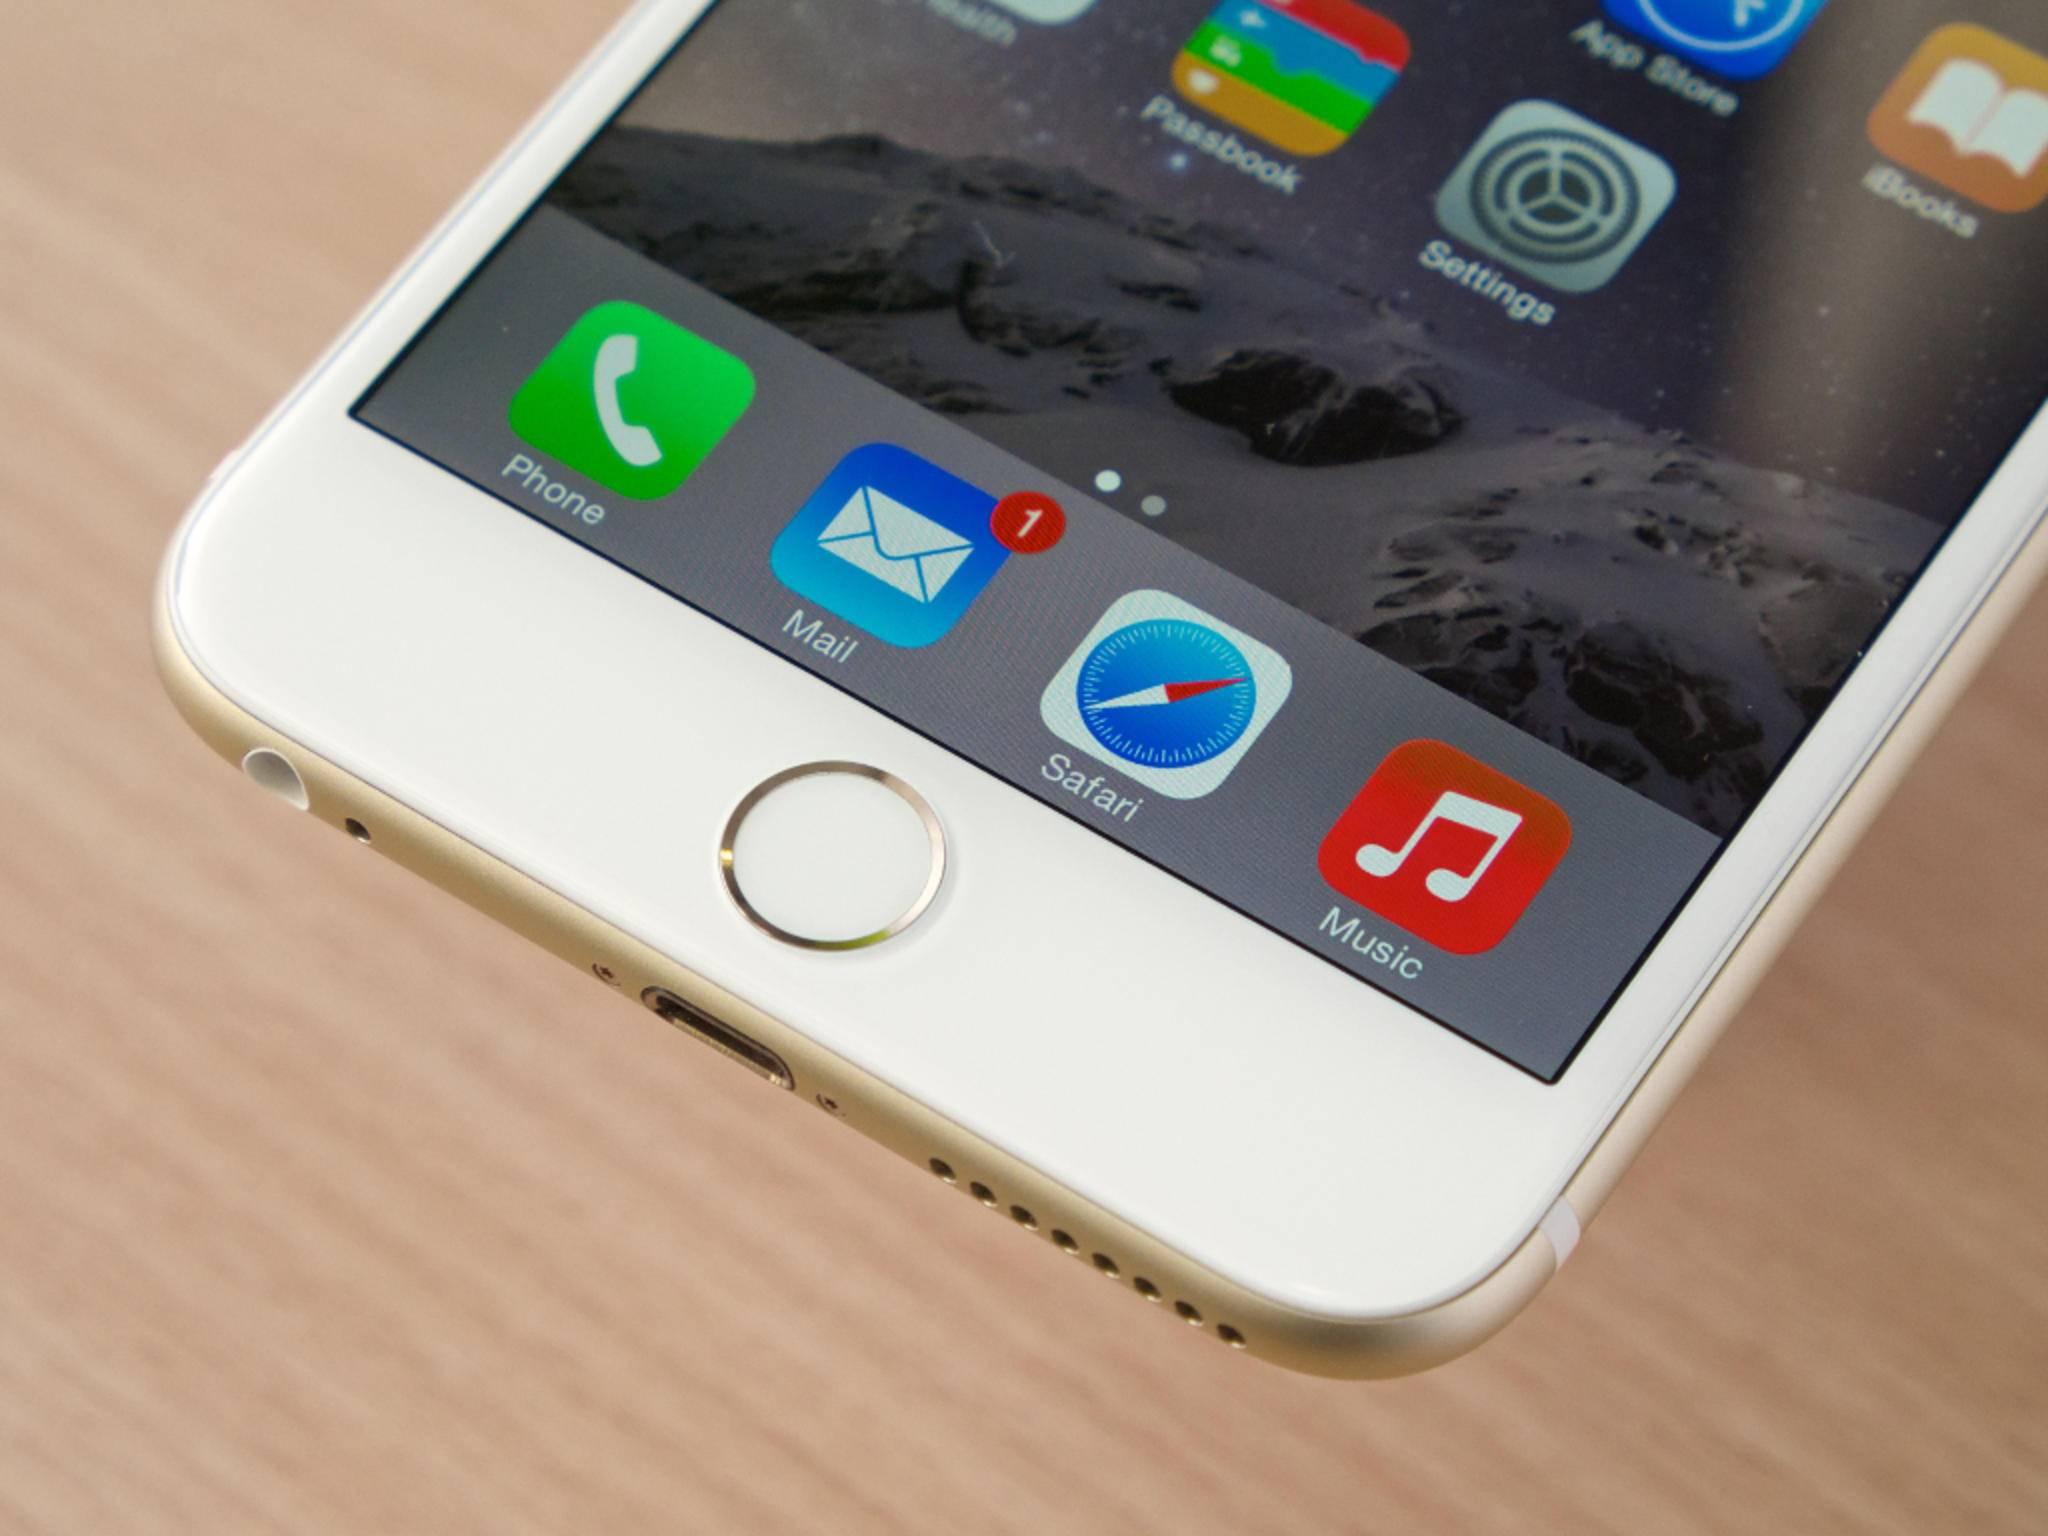 Beim iPhone 6 Plus ist noch kein Joystick im Home-Button versteckt.